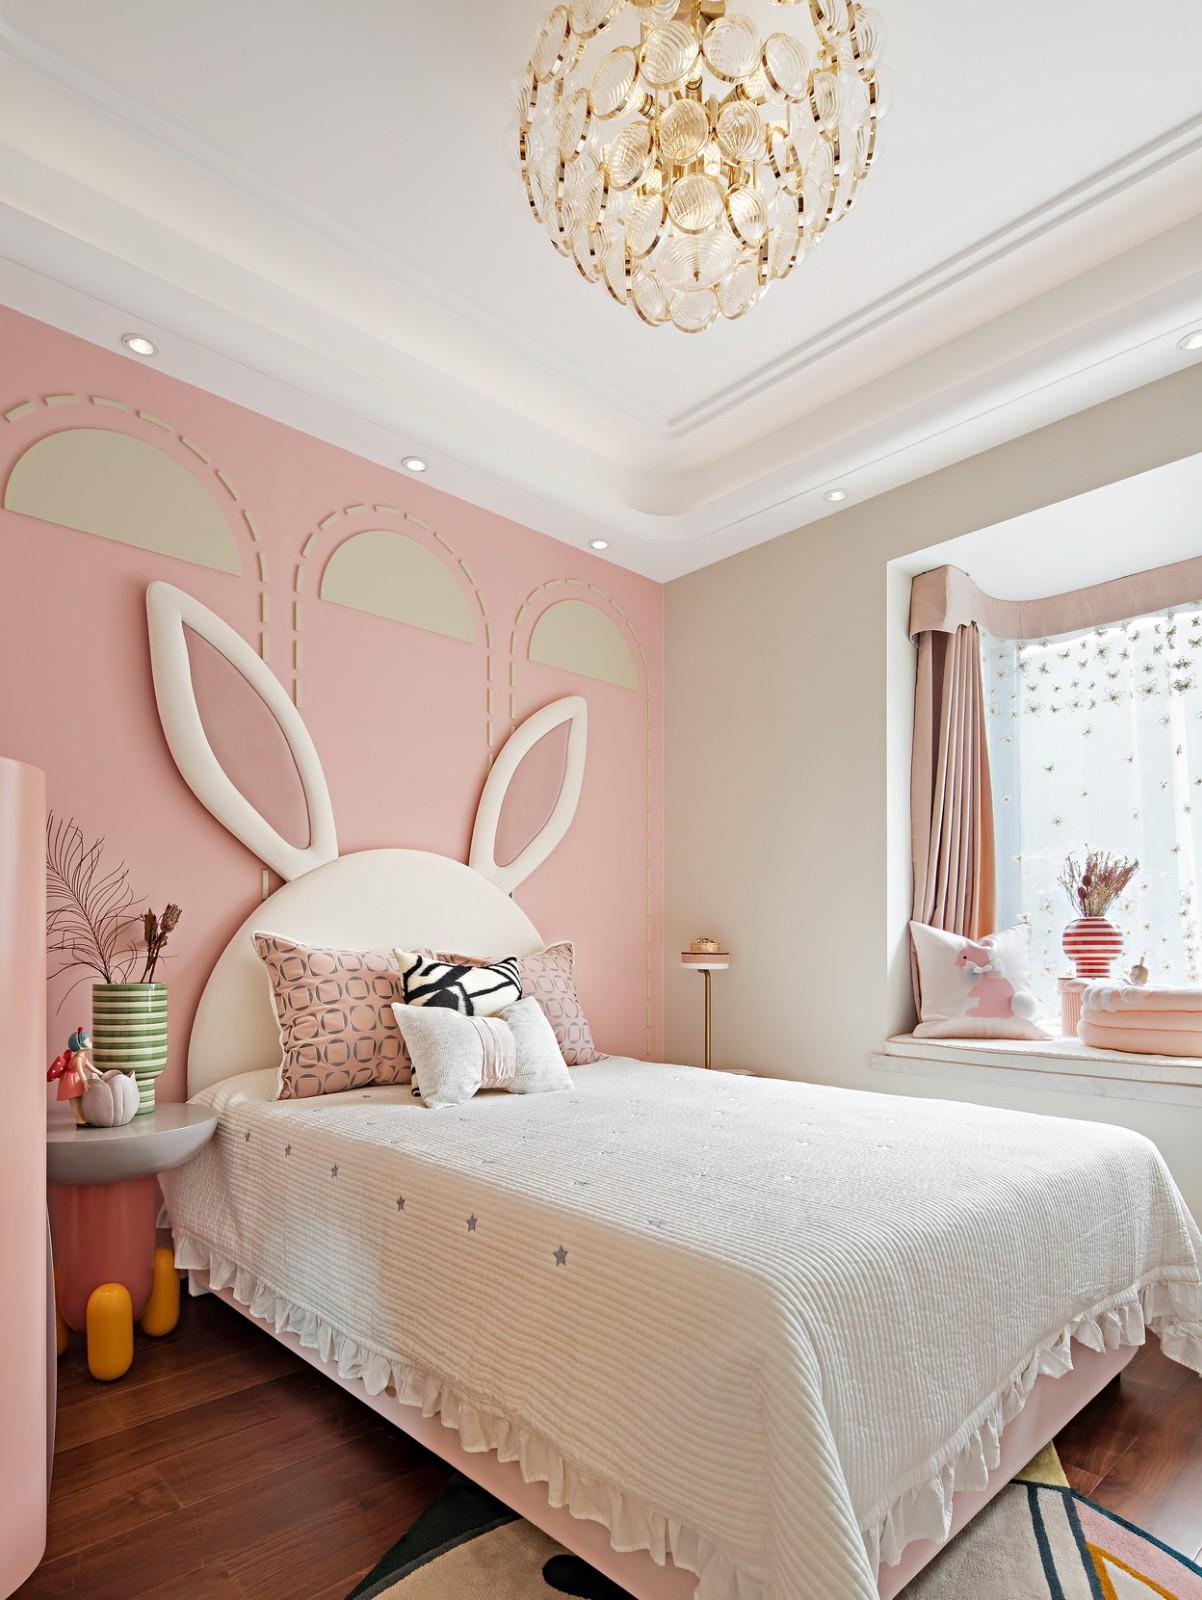 一眼就被儿童房的兔子造型的床所吸引,搭配蘑菇床头柜,满满的趣味,哪位公主会不喜欢呢~